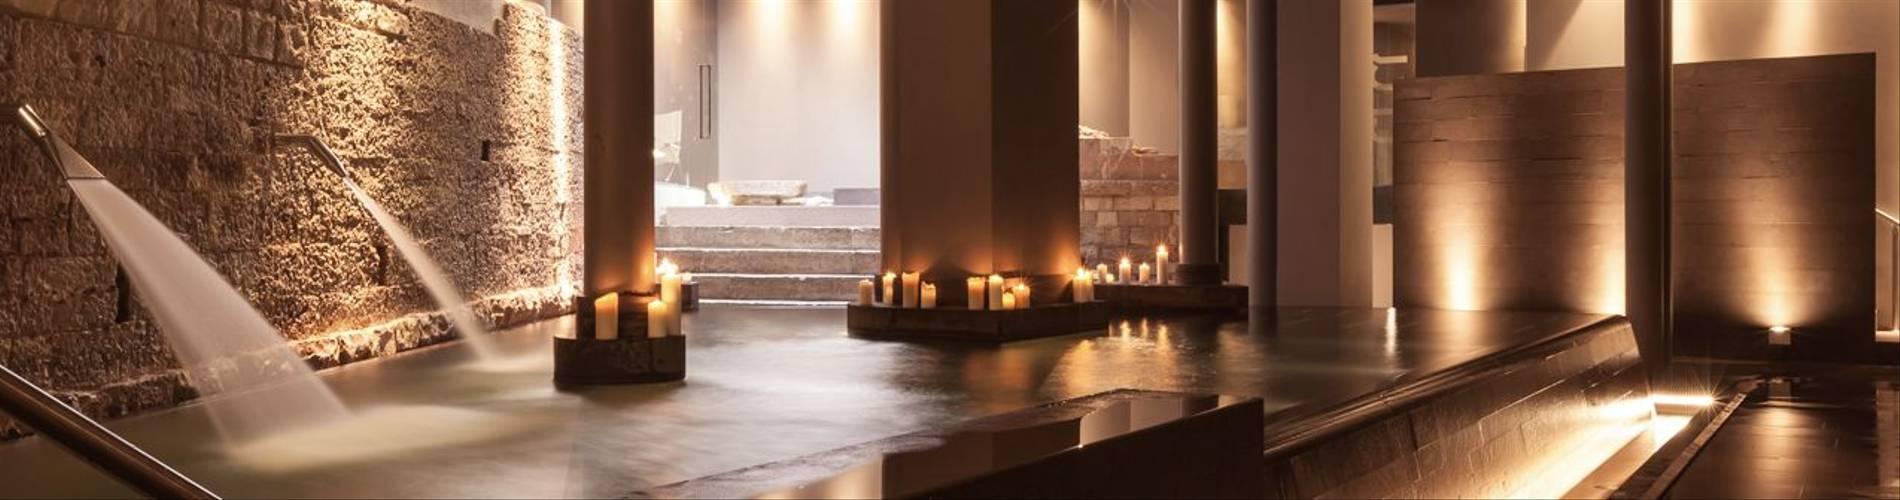 Nun Assisi Relais & Spa, Umbria, Italy (18).jpg